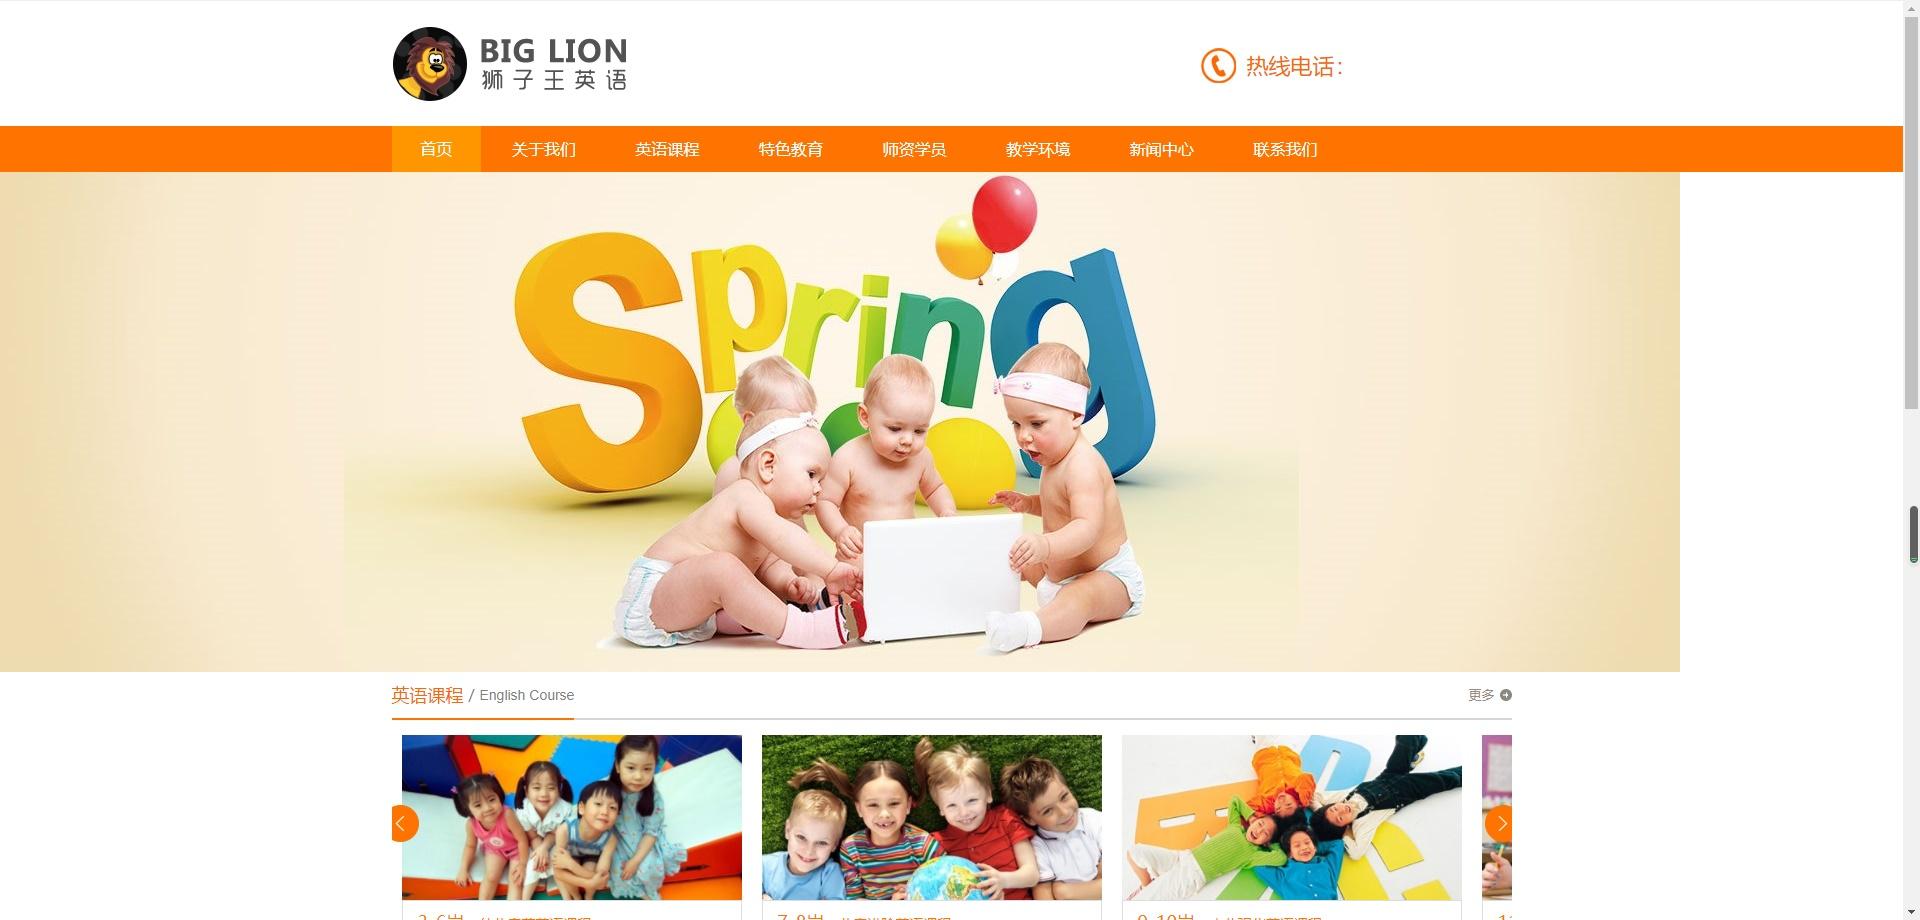 旅游网站公司企业网站网页定制设计开发制作建设电脑手机前端后台